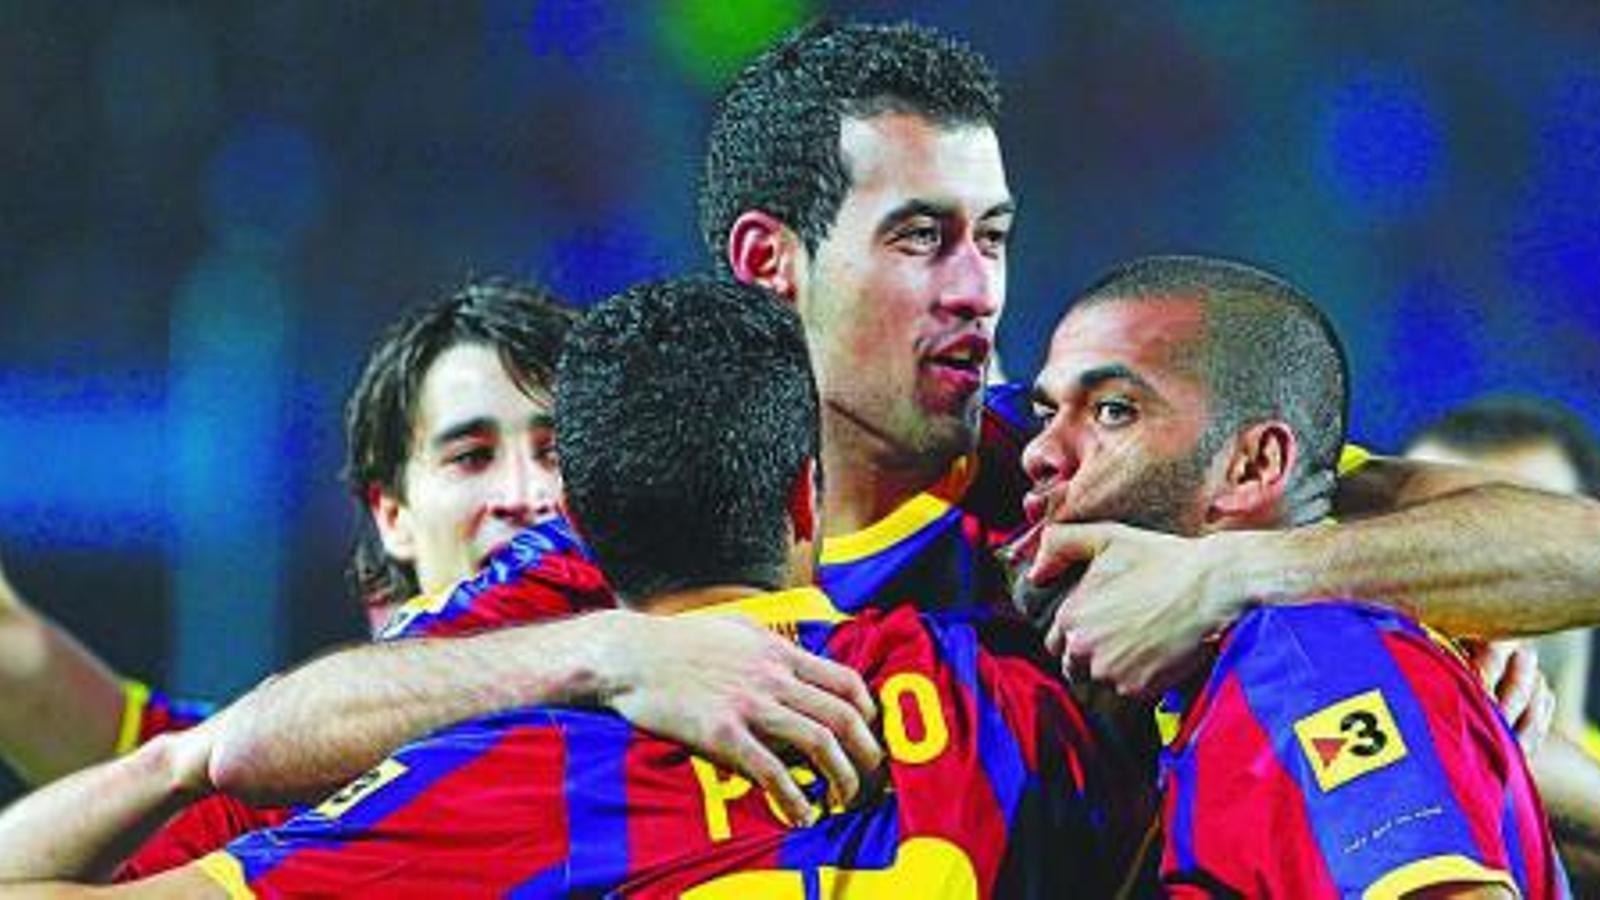 Sergio Busquets celebra amb Pedro i Dani Alves el primer gol del jugador canari. Tot i jugar de central, va tenir una ocasió de gol anul·lada per falta prèvia. / PERE VIRGILI